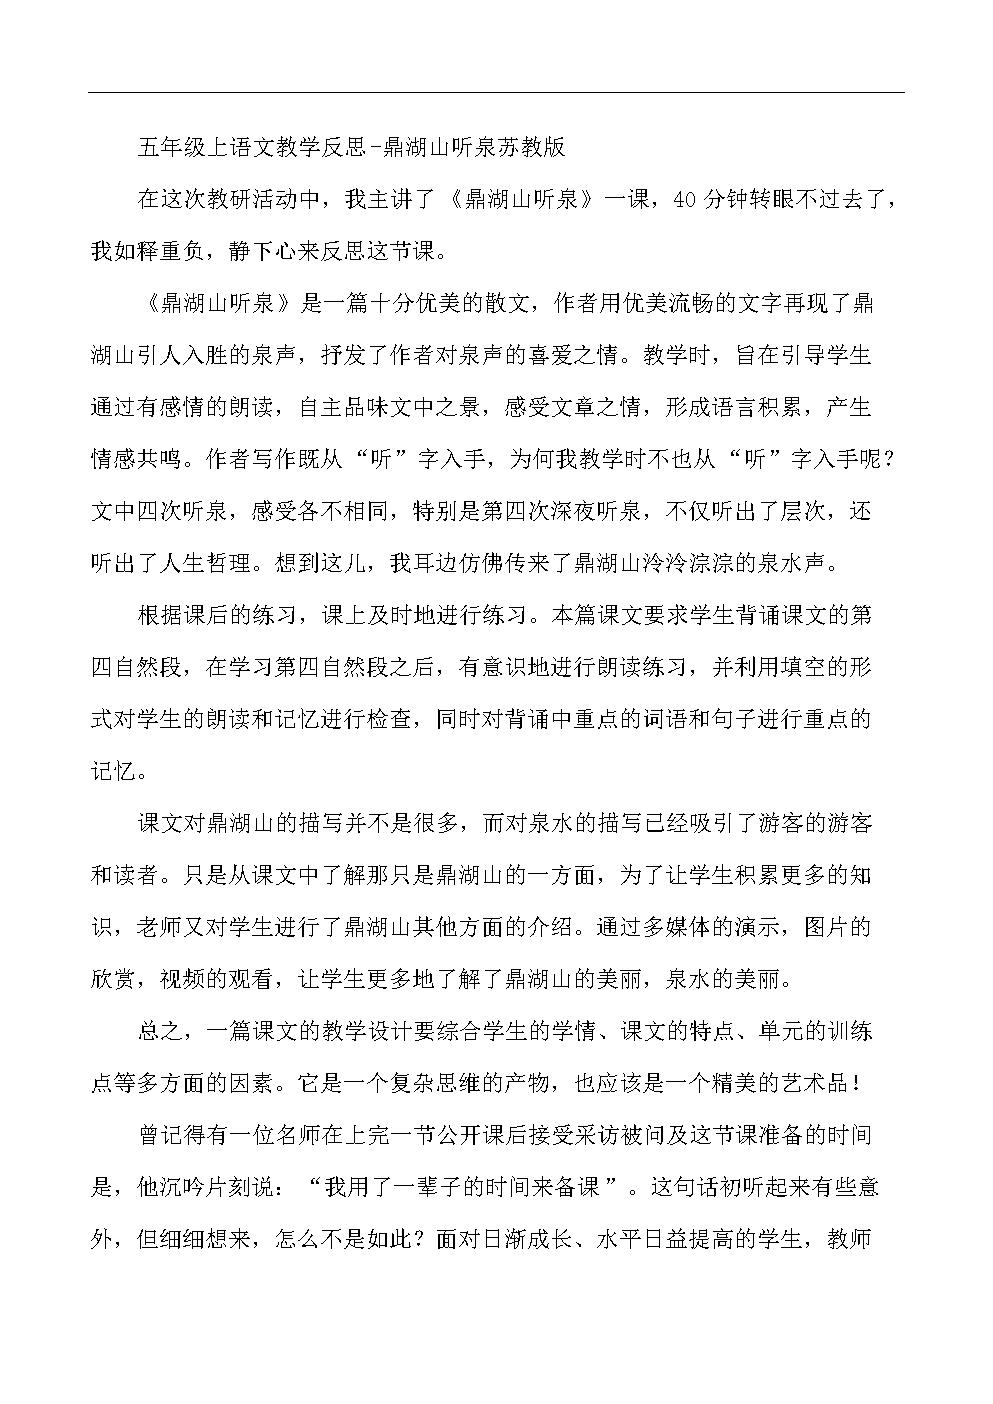 五年级上语文教学反思鼎湖山听泉苏教版.docx